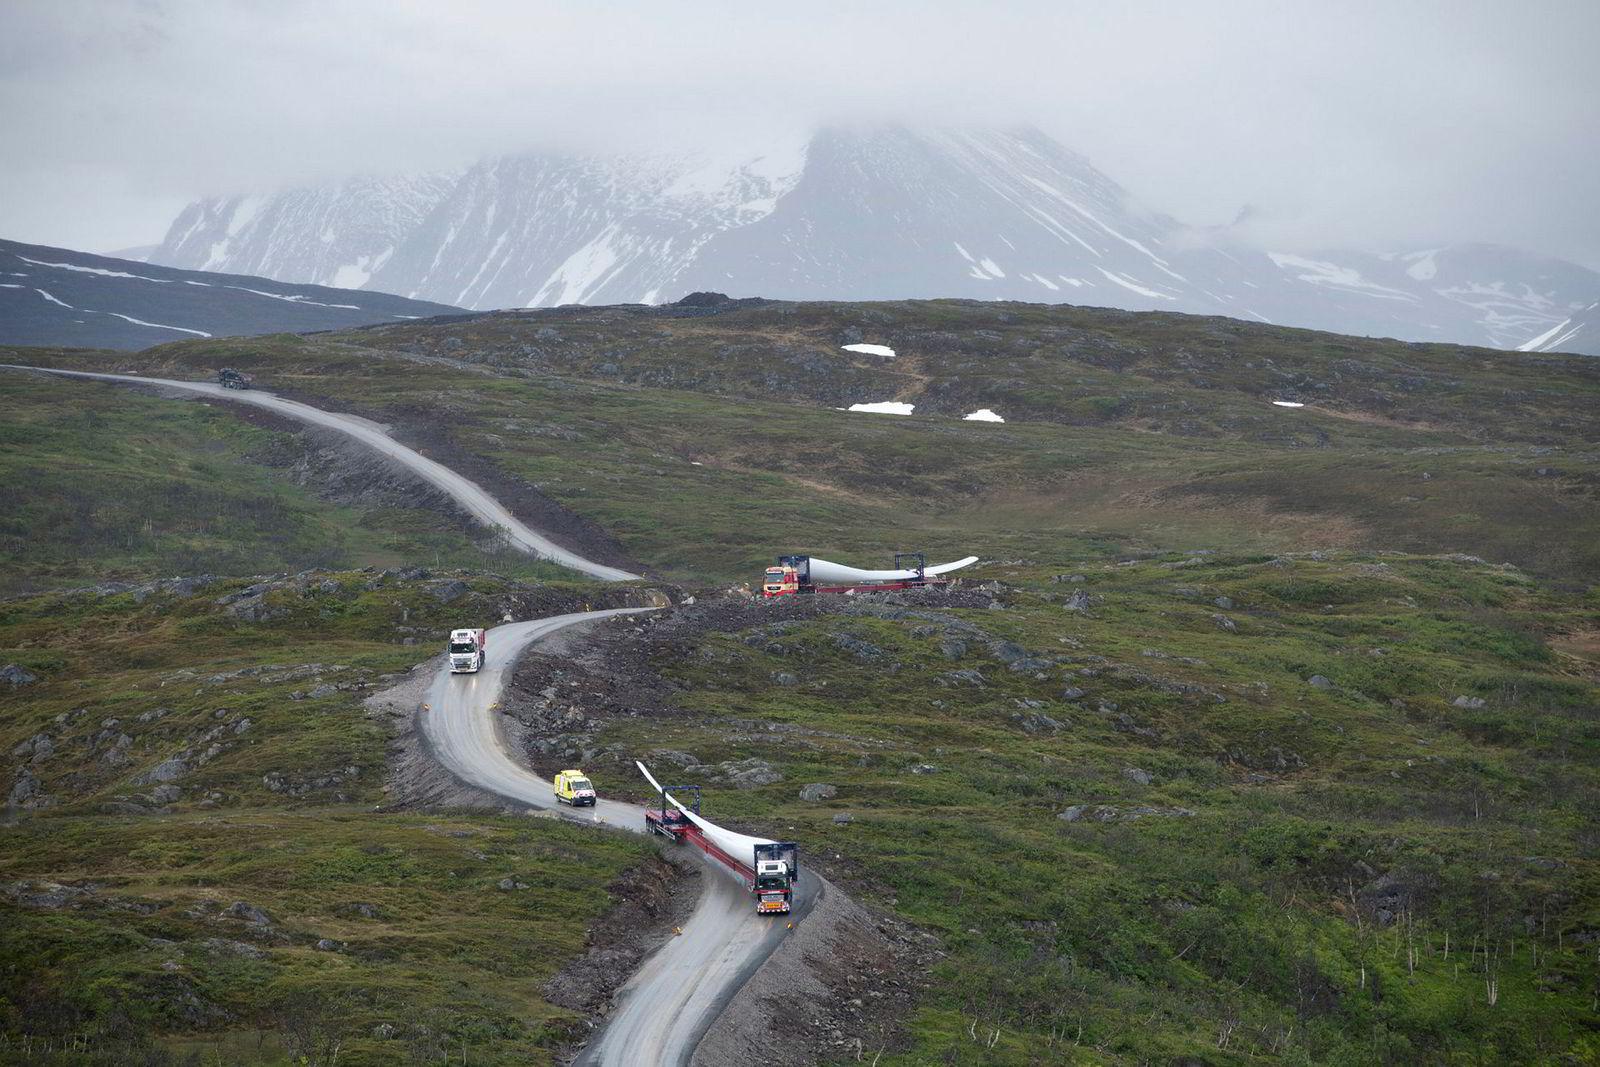 Utbygging av Nordlys Vindpark på Kvaløya i Tromsø kommune rett ved ferieparadiset Sommarøy. Her er vindmøllevingene på vei over fjellet til montering.